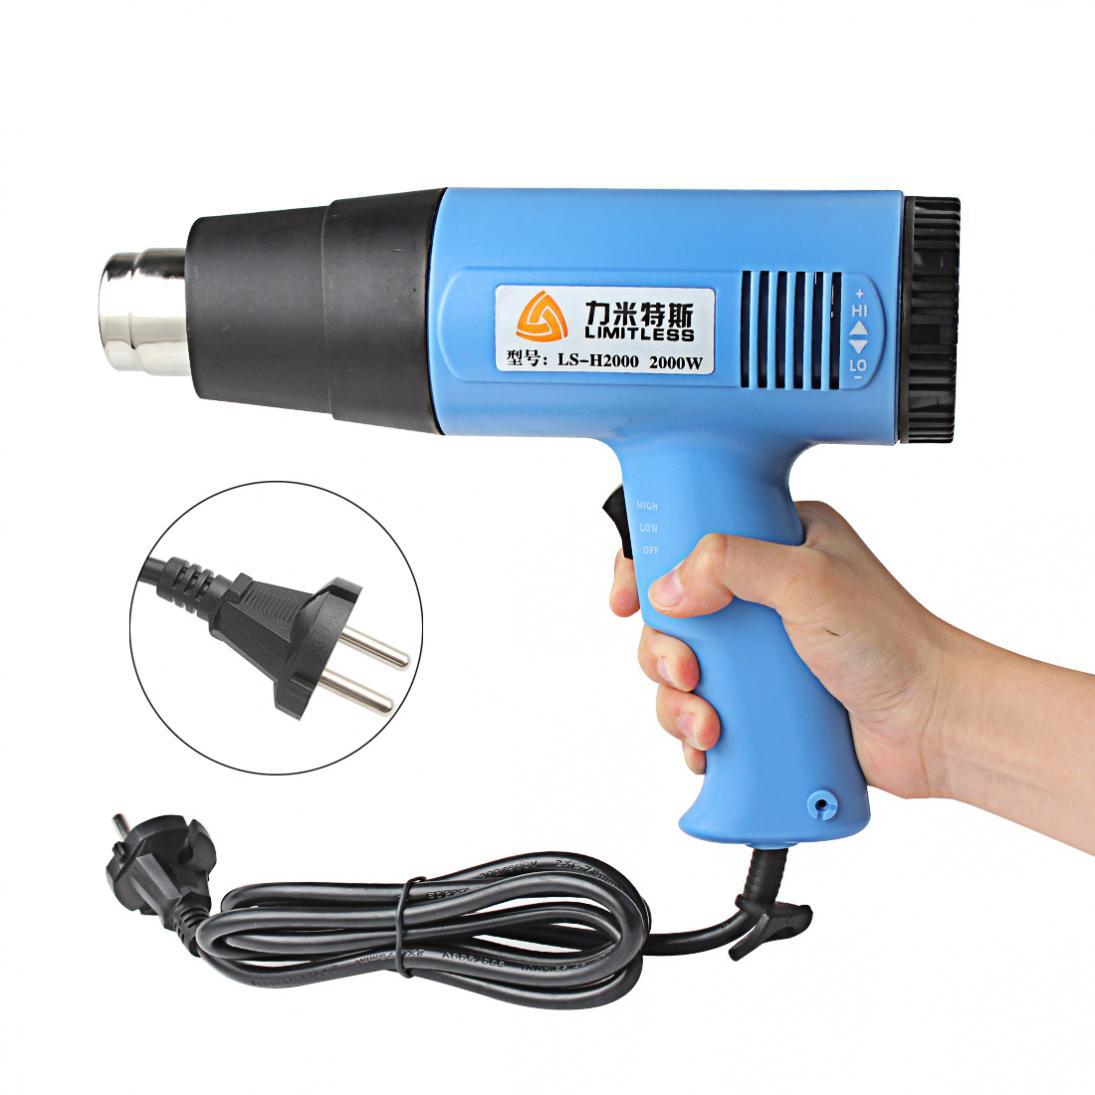 AC 220V 2000W Hot Air Gun Temperature Adjustable Industrial Electric Heat Gun Hotair Gun EU Plug for Stripping Shrink DIY|Heat Guns| |  - title=